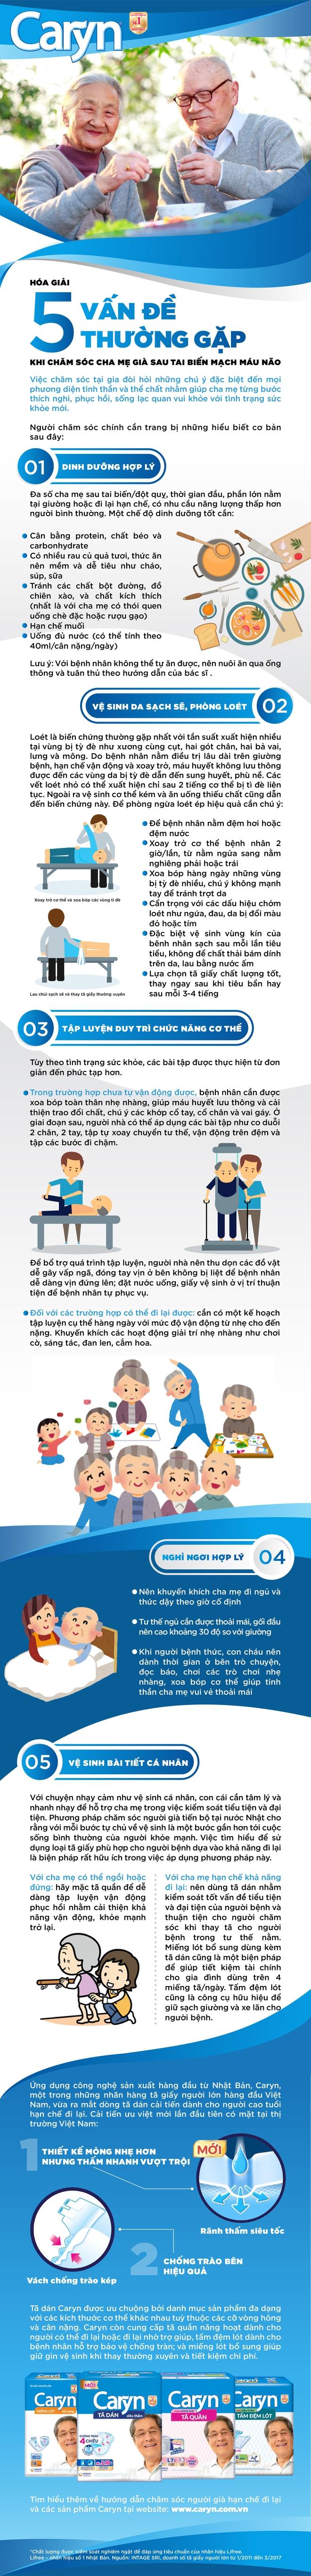 Hóa giải 5 vấn đề thường gặp khi chăm sóc cha mẹ già sau tai biến mạch máu não - Ảnh 1.